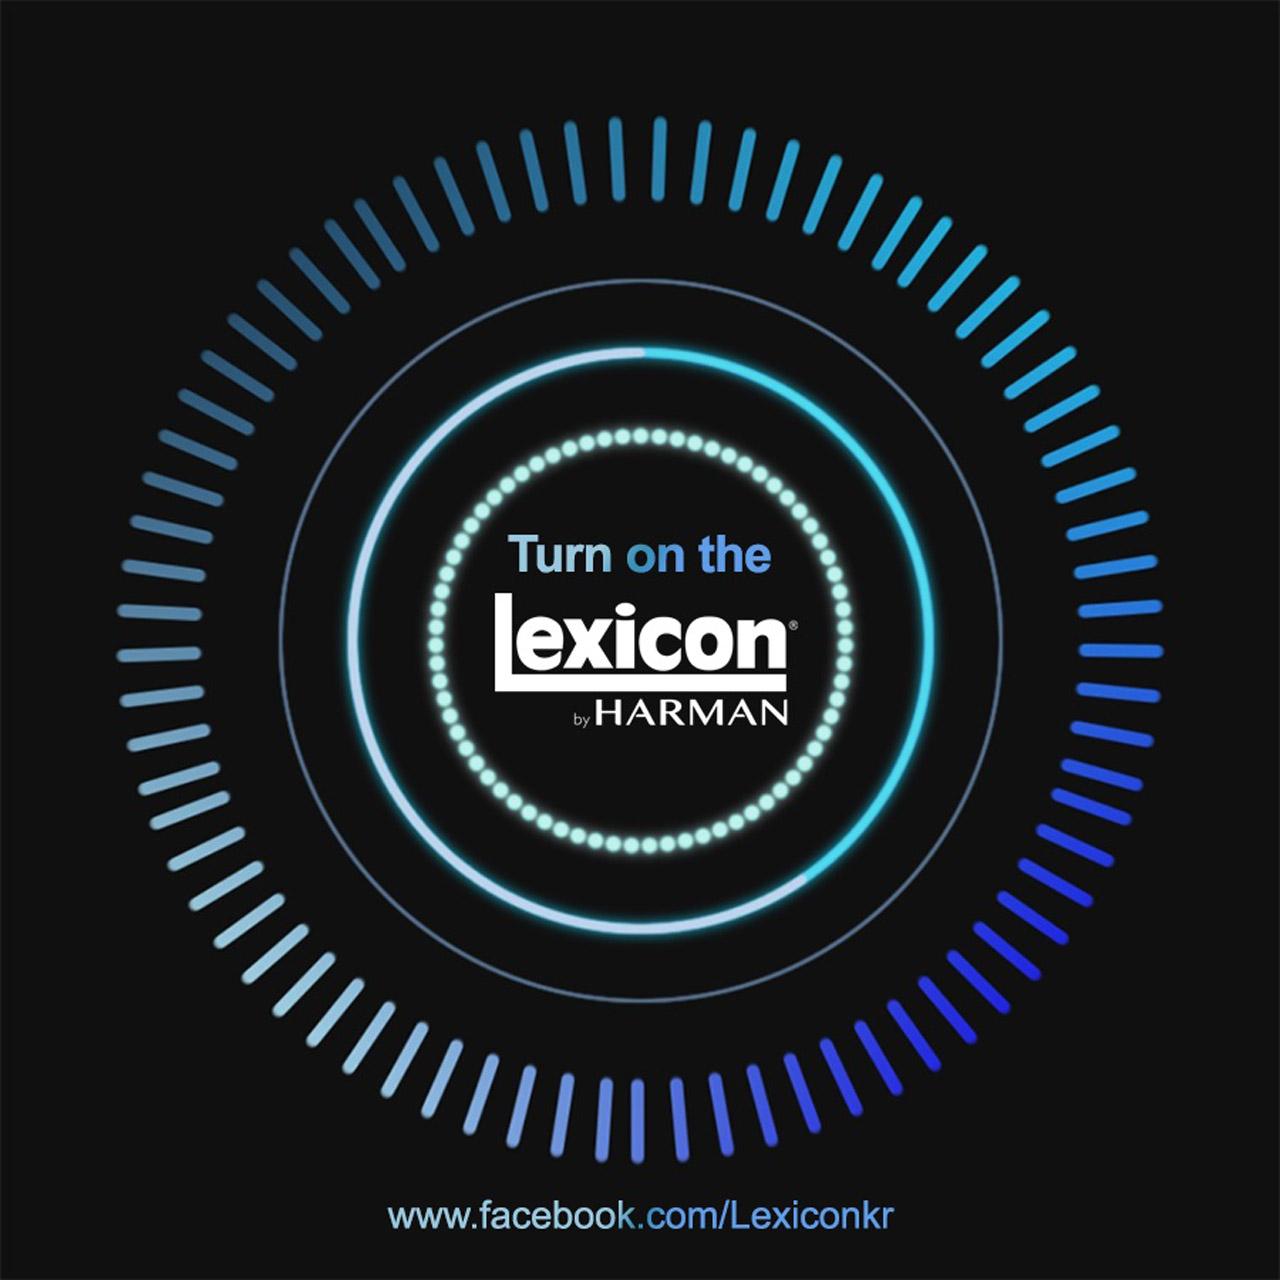 이미지-렉시콘 공식 페이스북 오픈 이벤트 진행